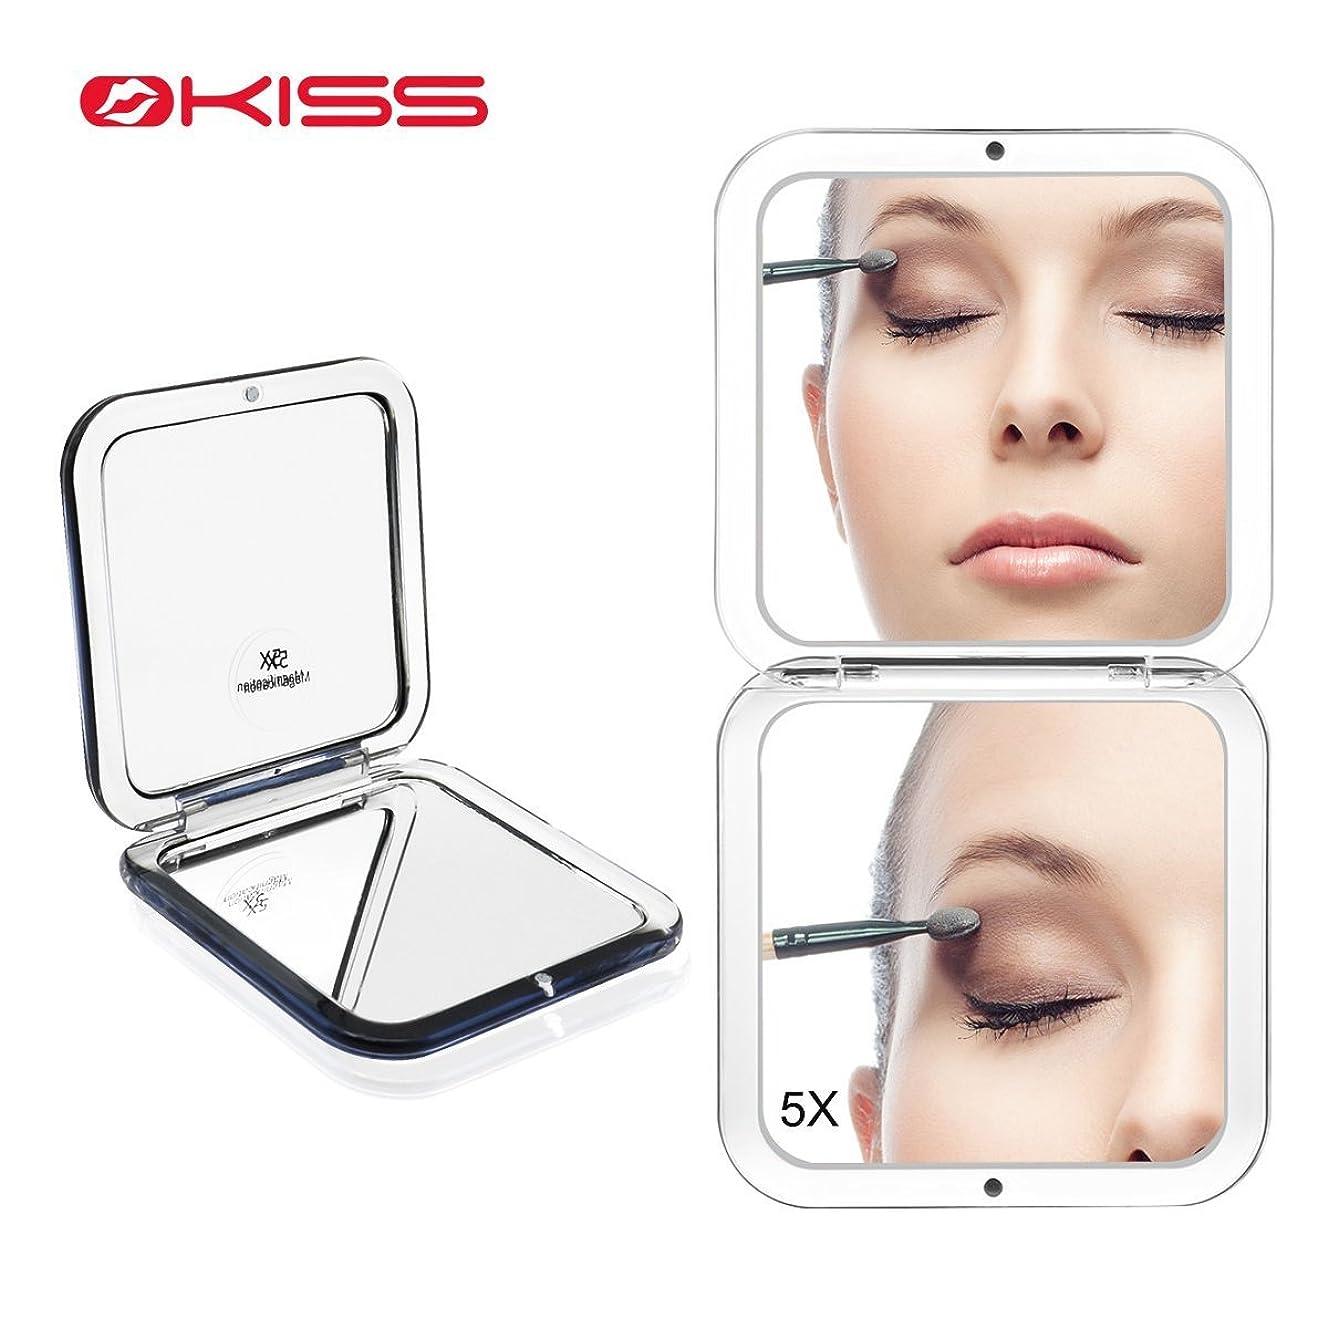 で収容するデンプシーOKISS コンパクトミラー 化粧鏡 ミラー 5倍拡大鏡+等倍鏡 ハンドミラー 手鏡 両面 メンズ 携帯ミラー 折りたたみ おしゃれ 外出 持ち運び便利